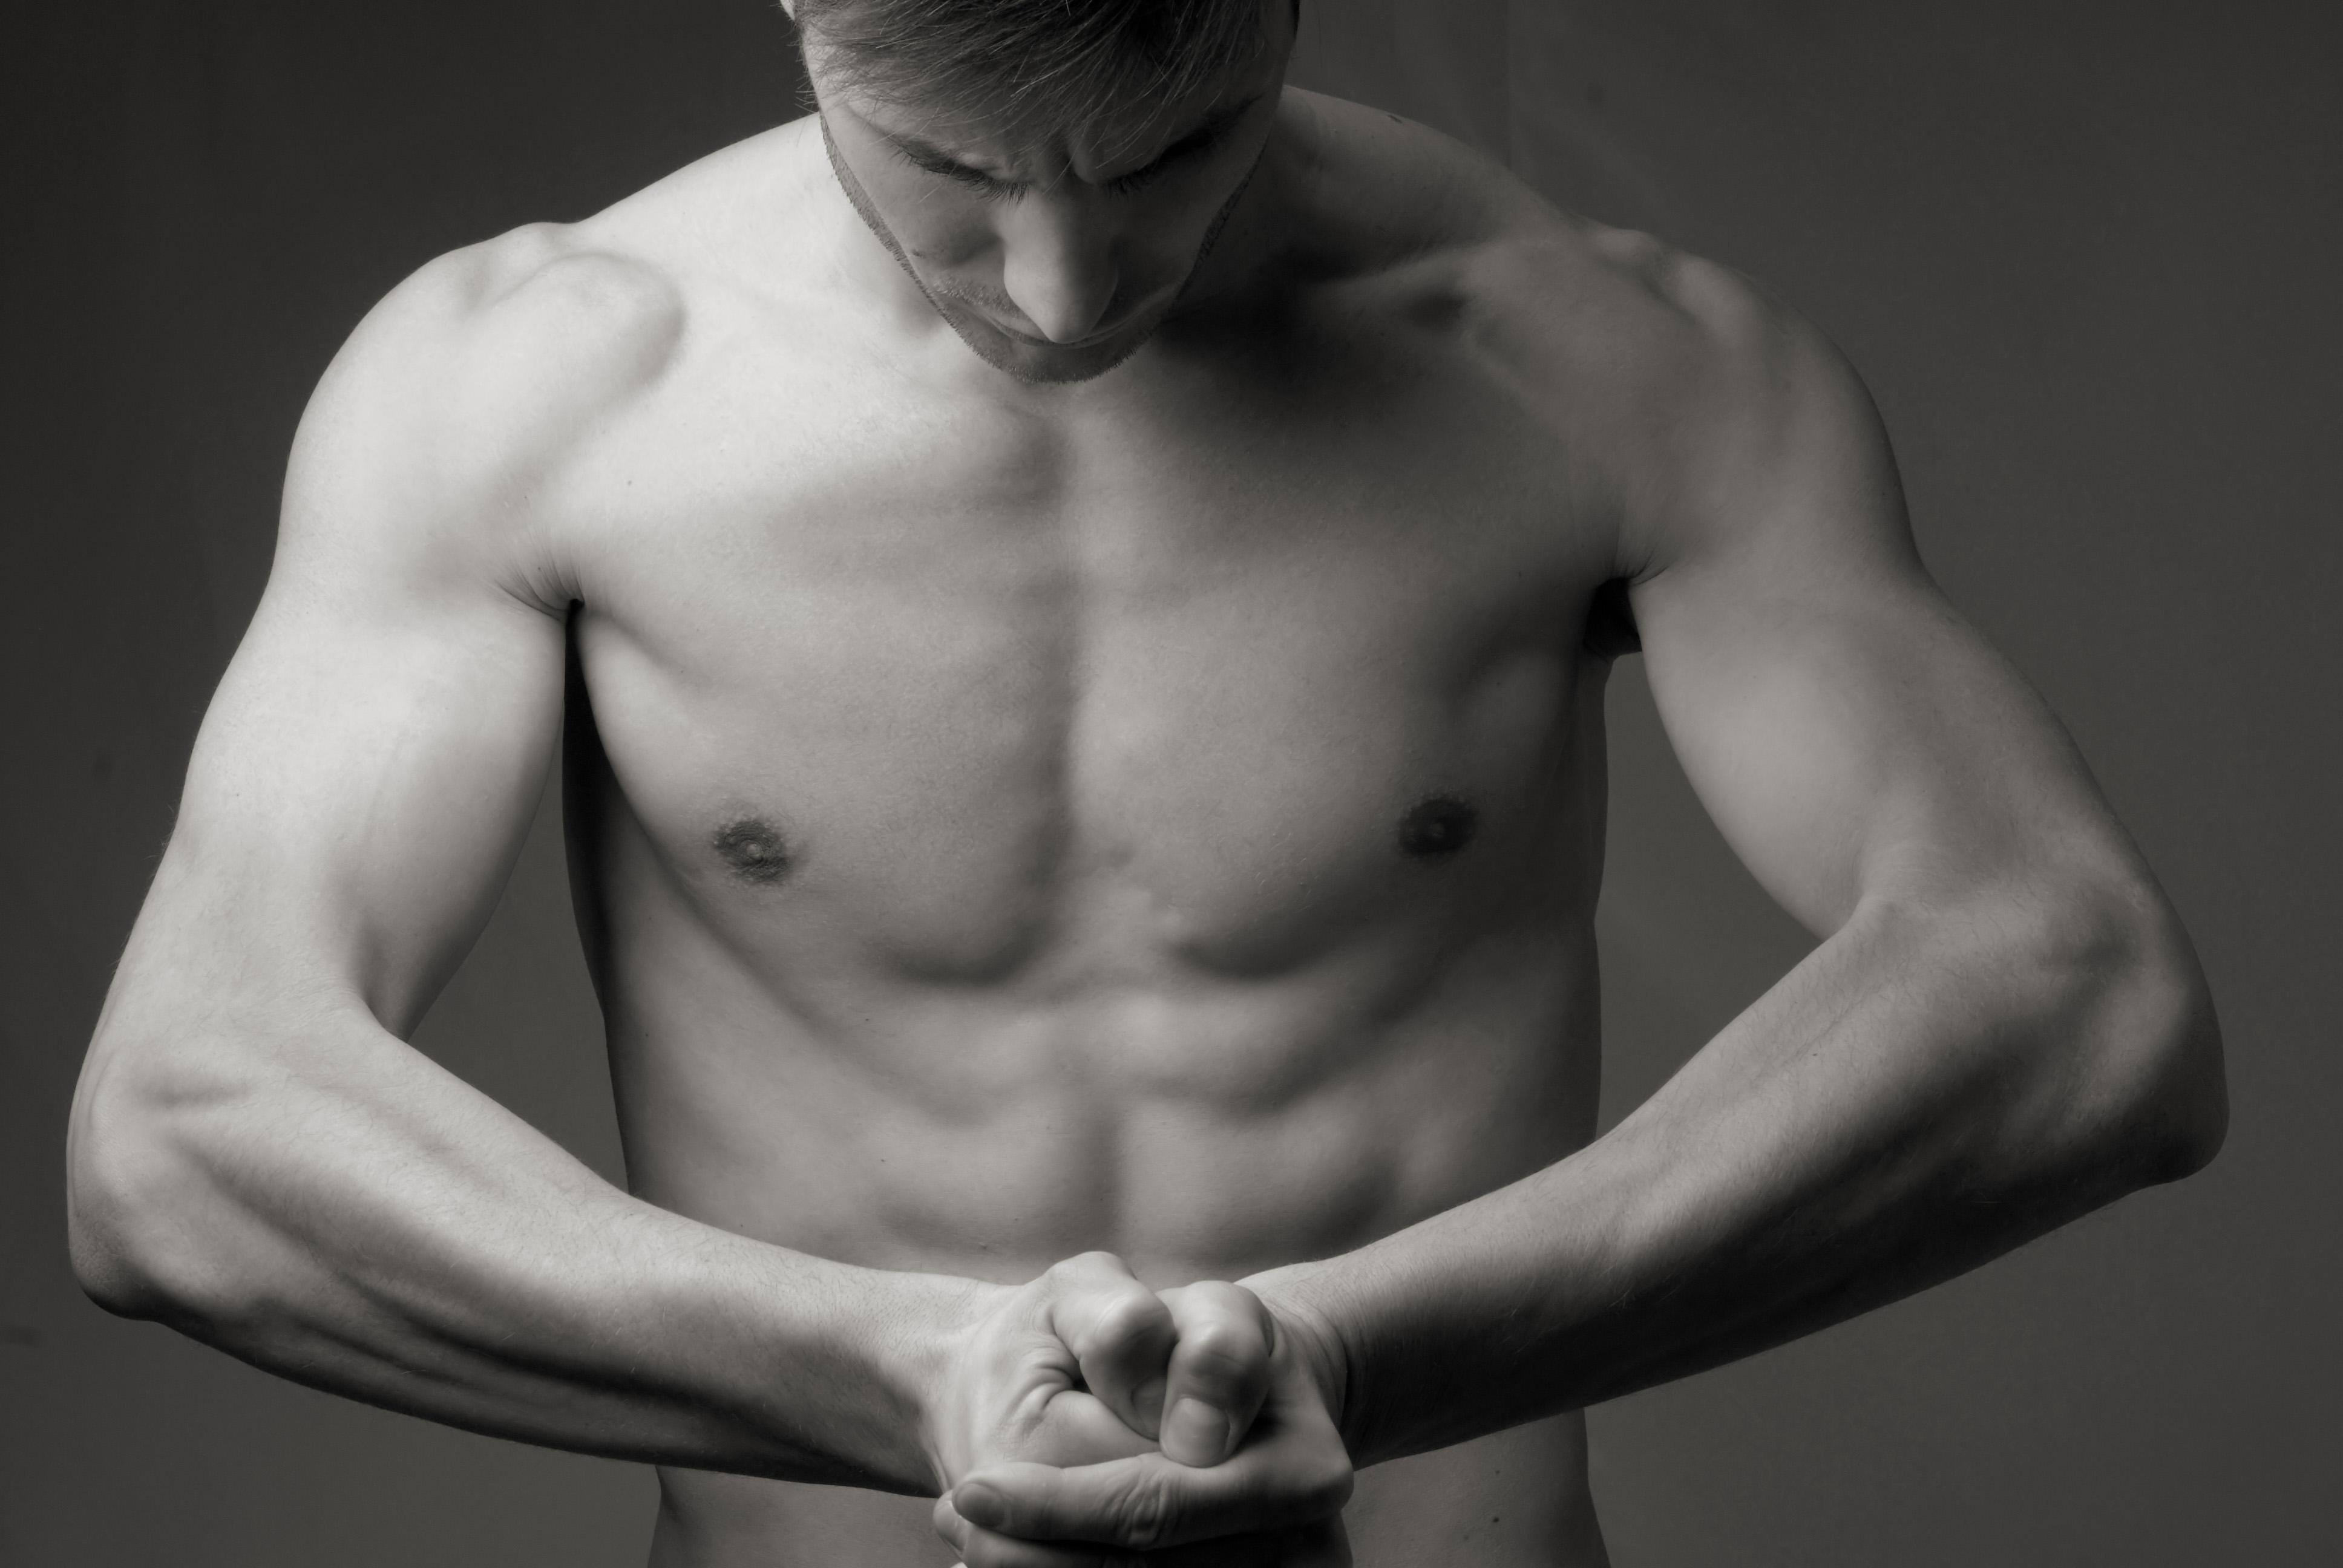 как убрать жир с груди мужчине